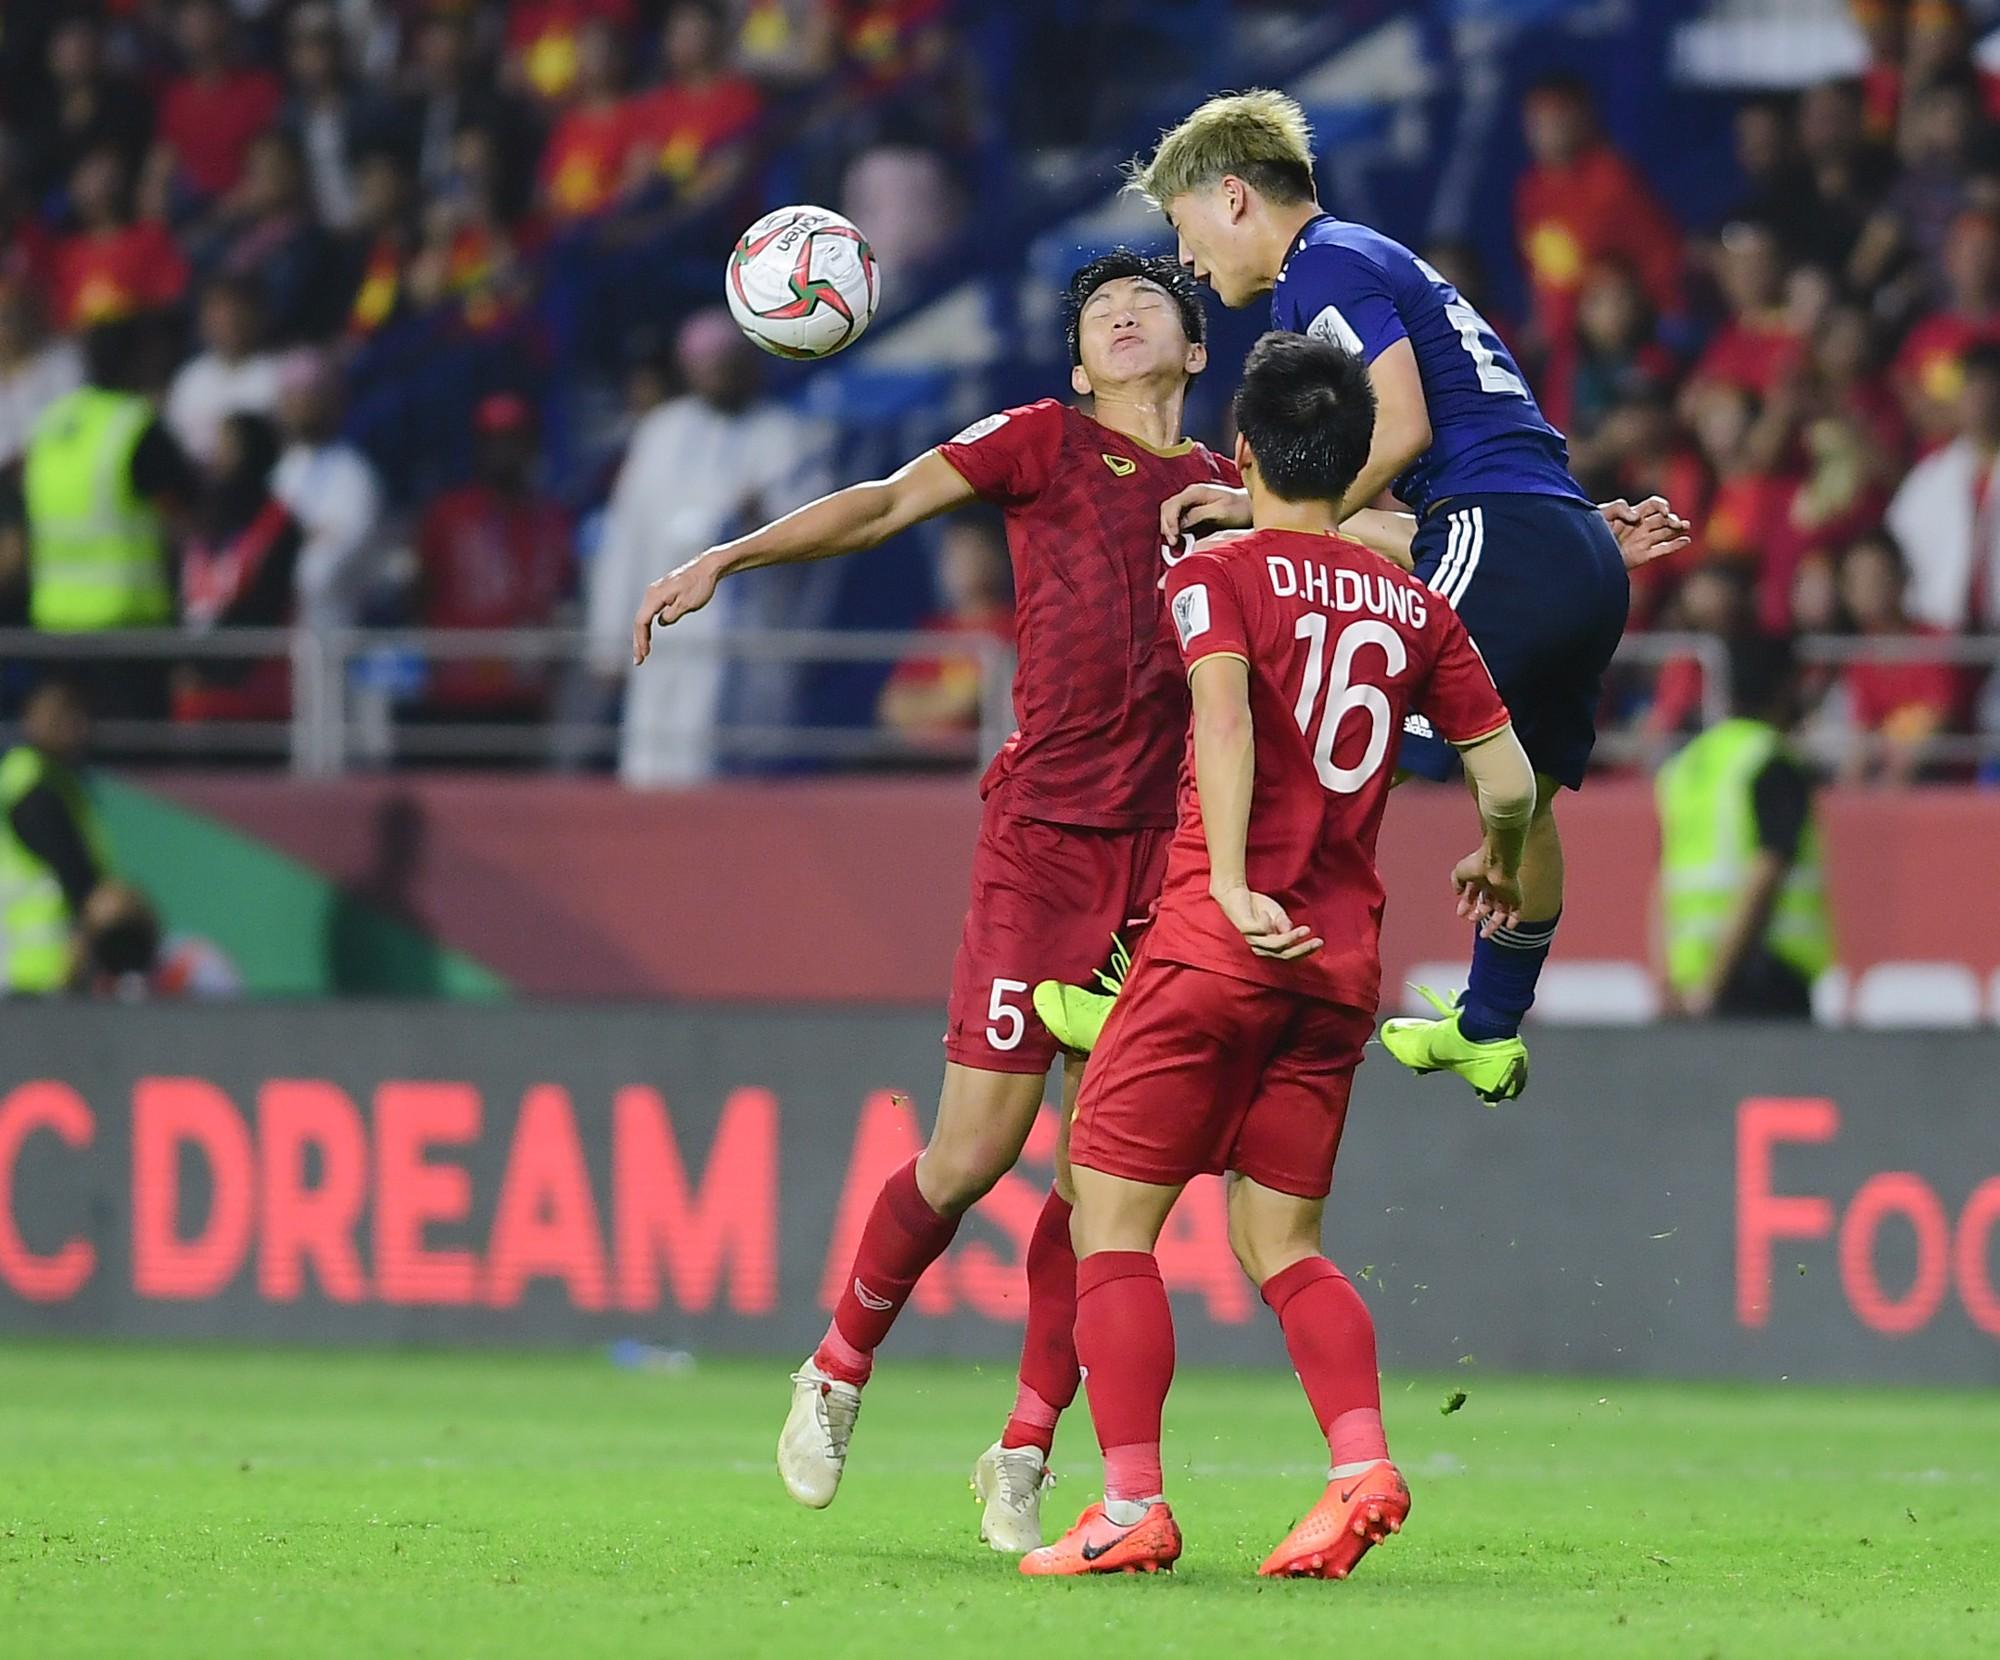 Đội tuyển Việt Nam: Ngẩng cao đầu vì các bạn thật sự xứng đáng - Ảnh 3.